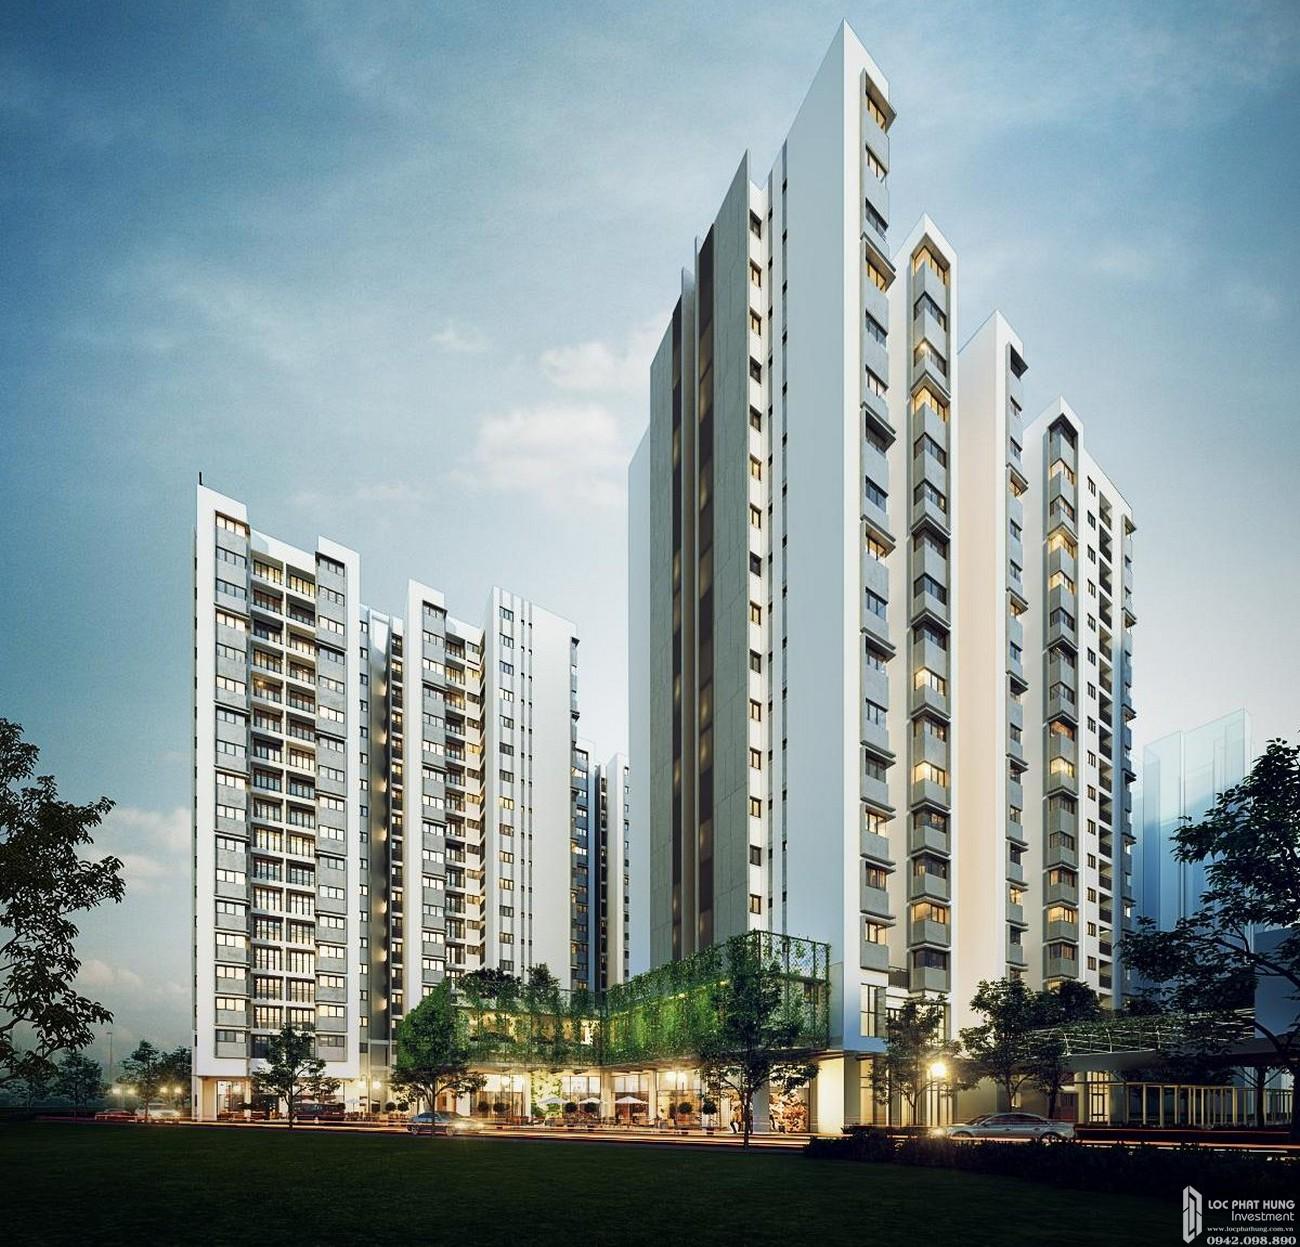 Phối cảnh tổng thể dự án căn hộ chung cư Habitat Thuận An Đường Hữu Nghị chủ đầu tư VSIP Sembcorp Gateway